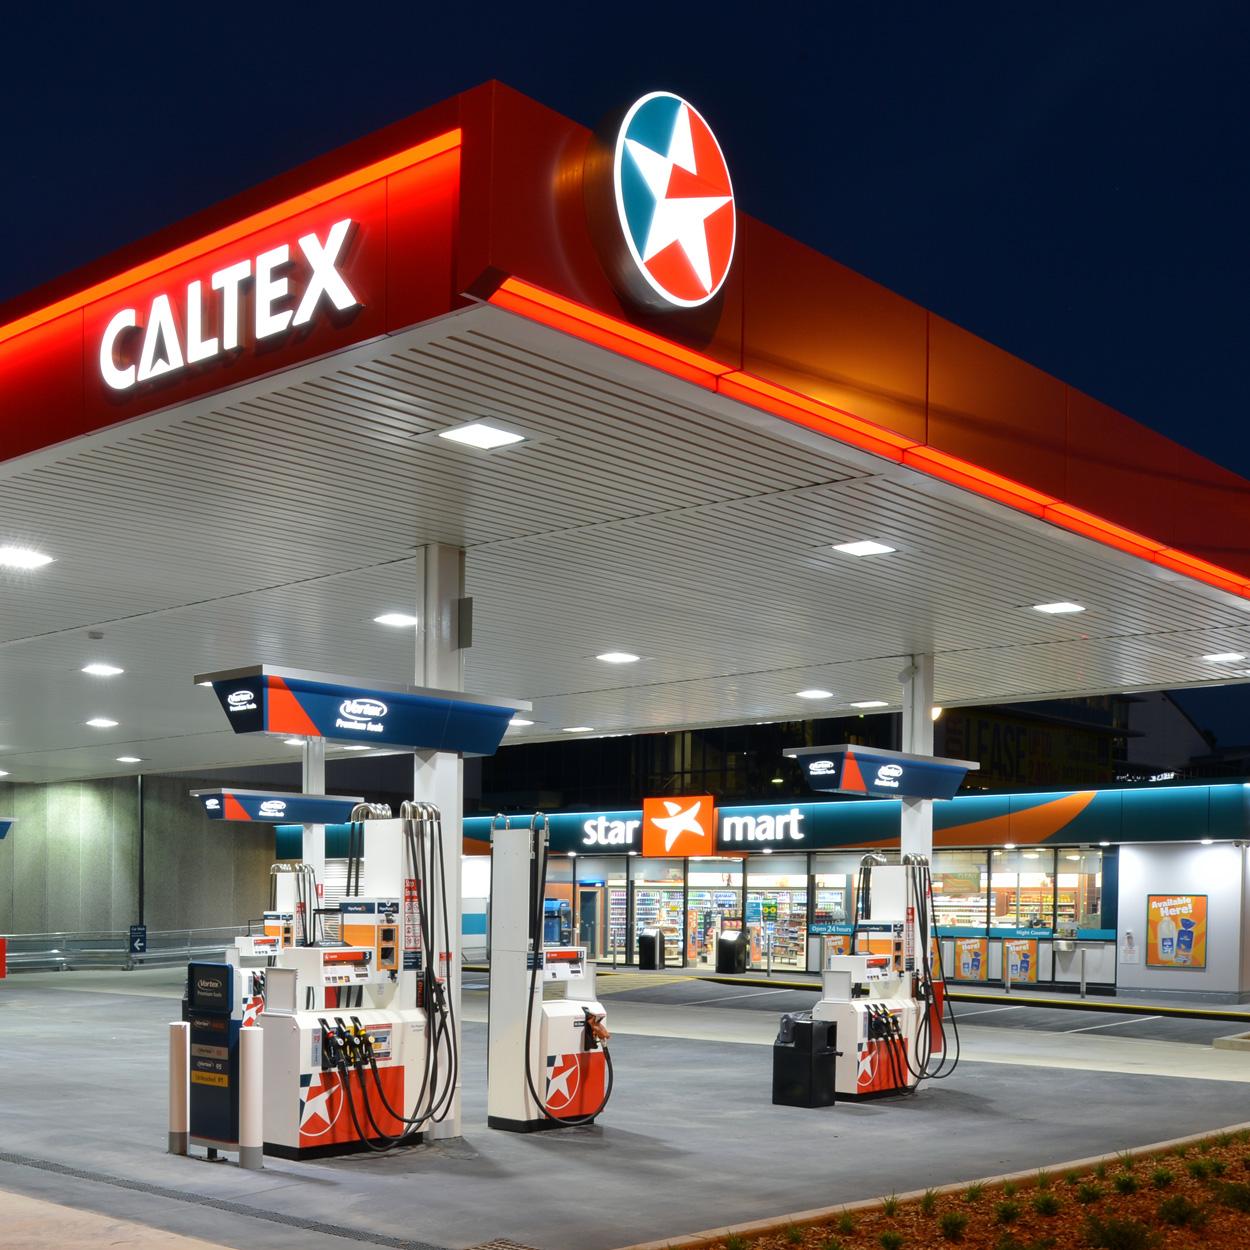 Caltex - Meal Deals